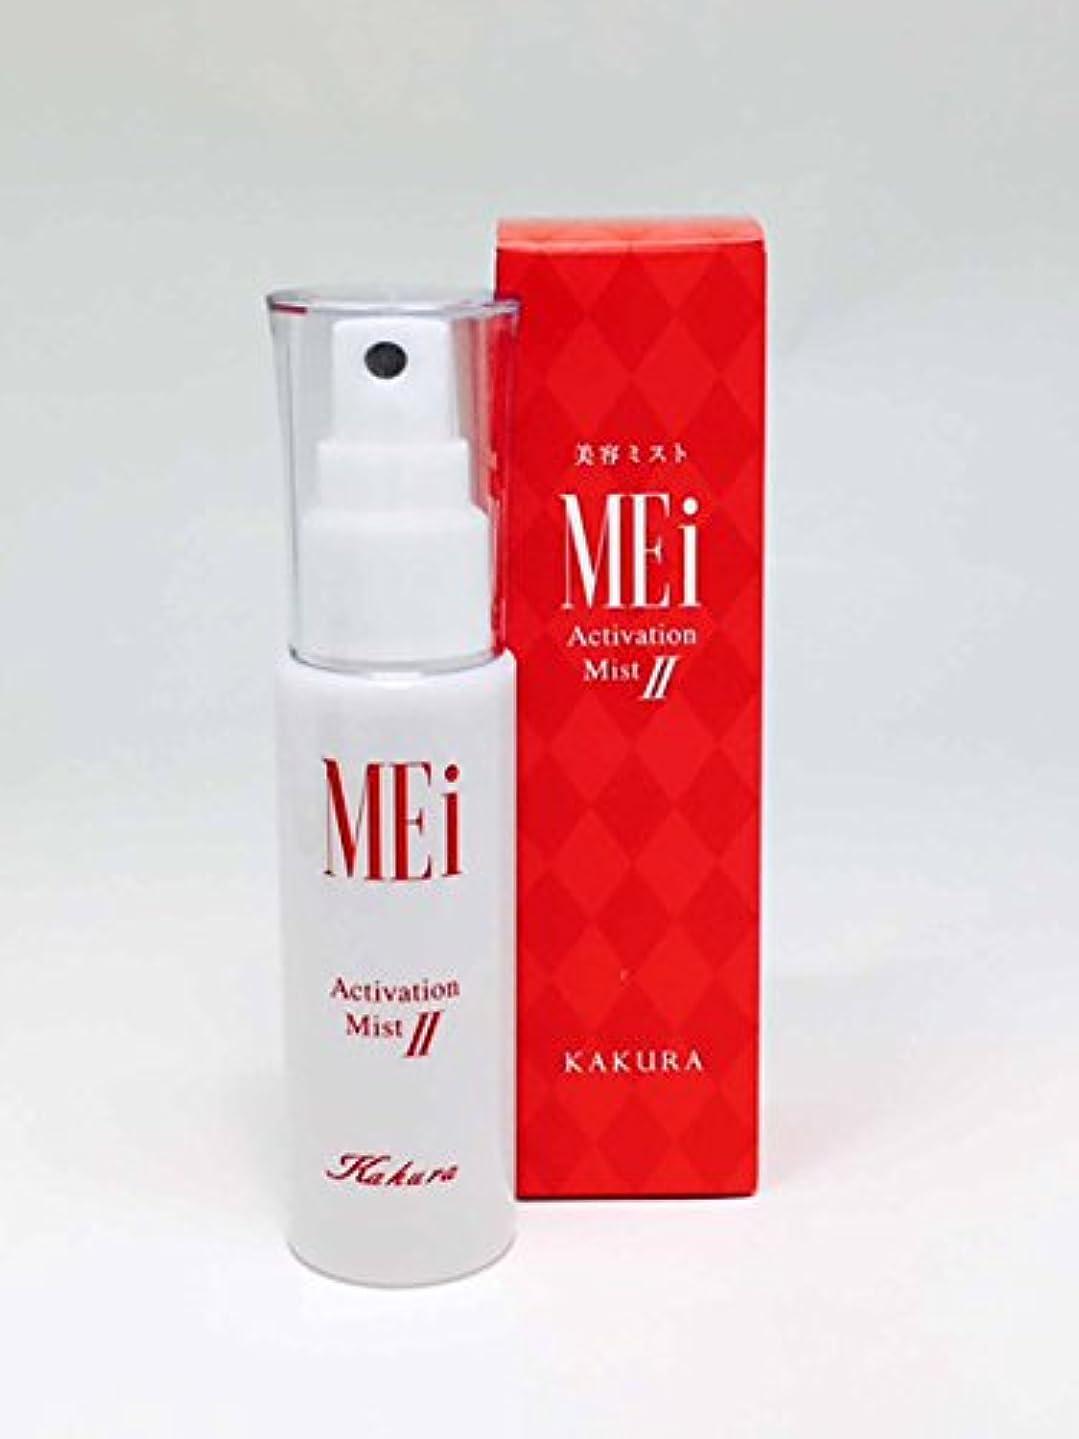 背が高い定期的なミンチKAKURAアクティベーション「MEi」 50mlSP式美容ミスト